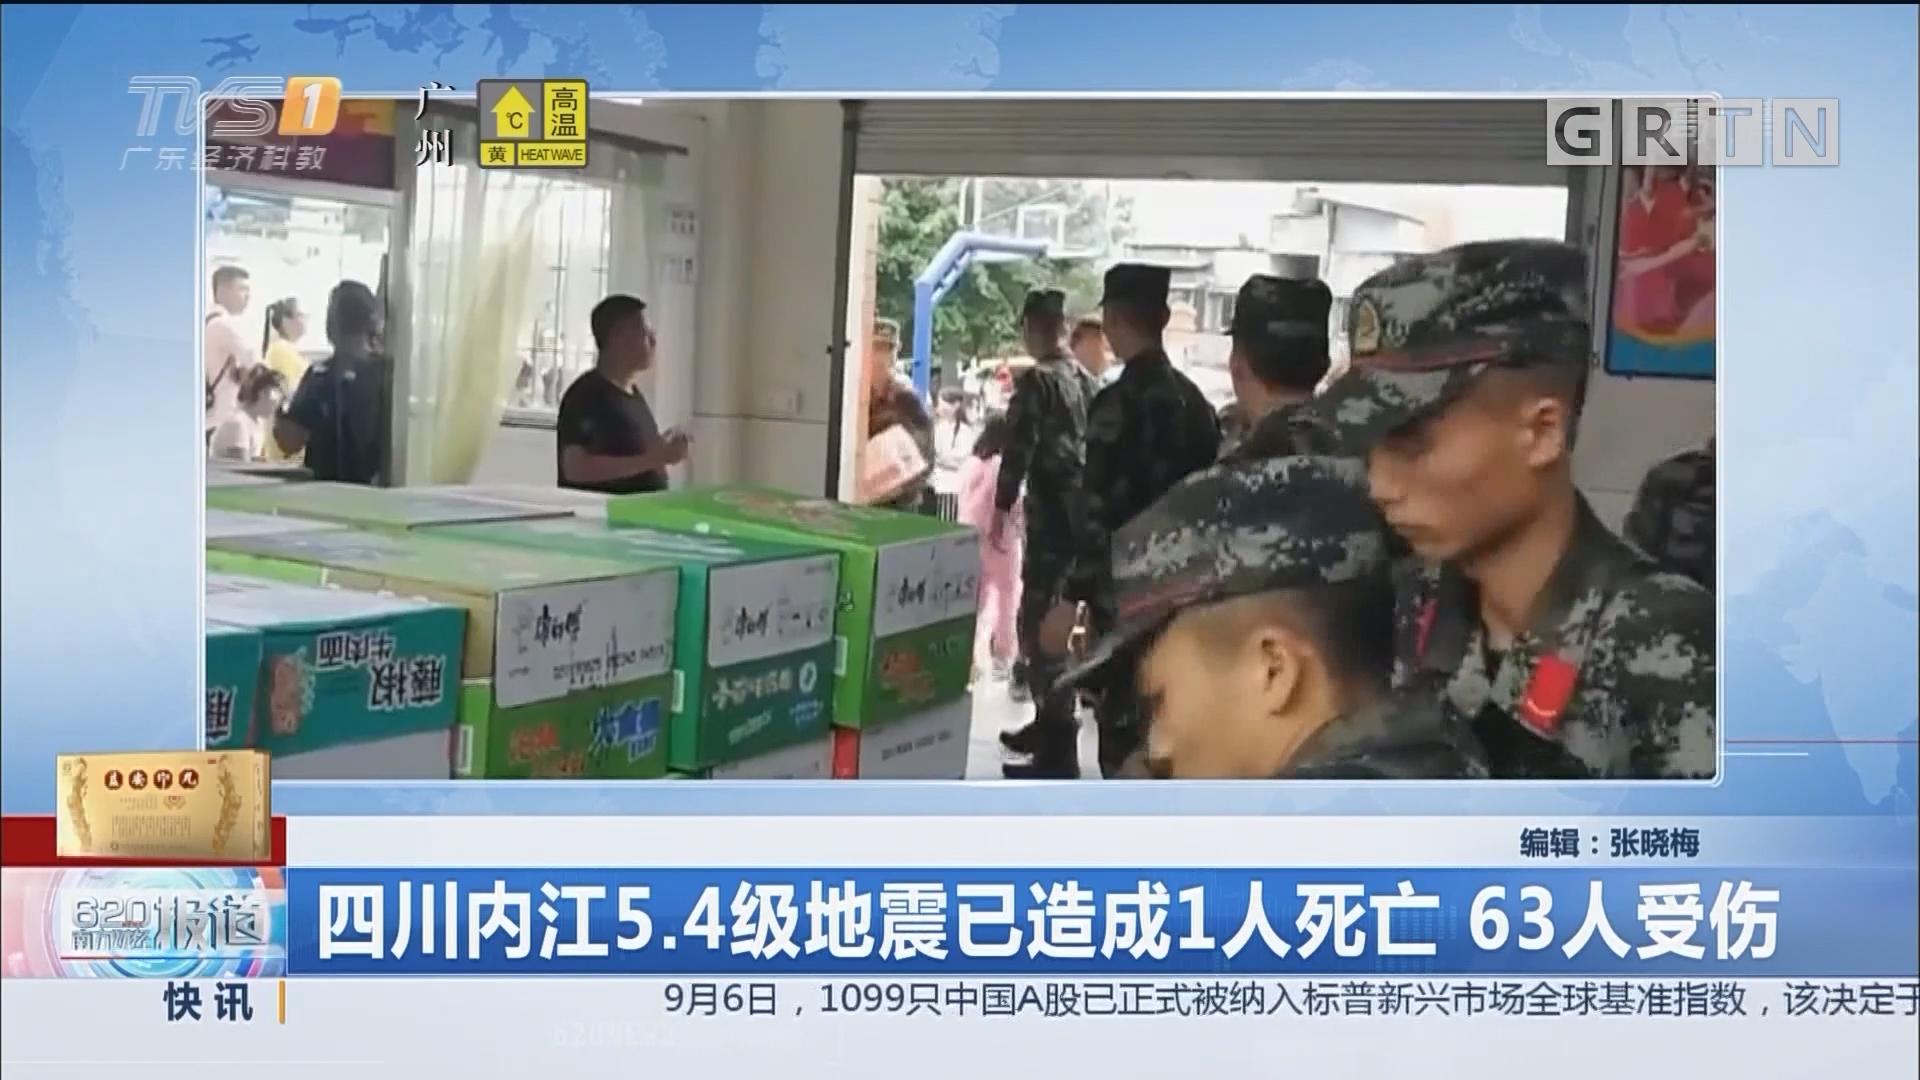 四川内江5.4级地震已造成1人死亡 63人受伤